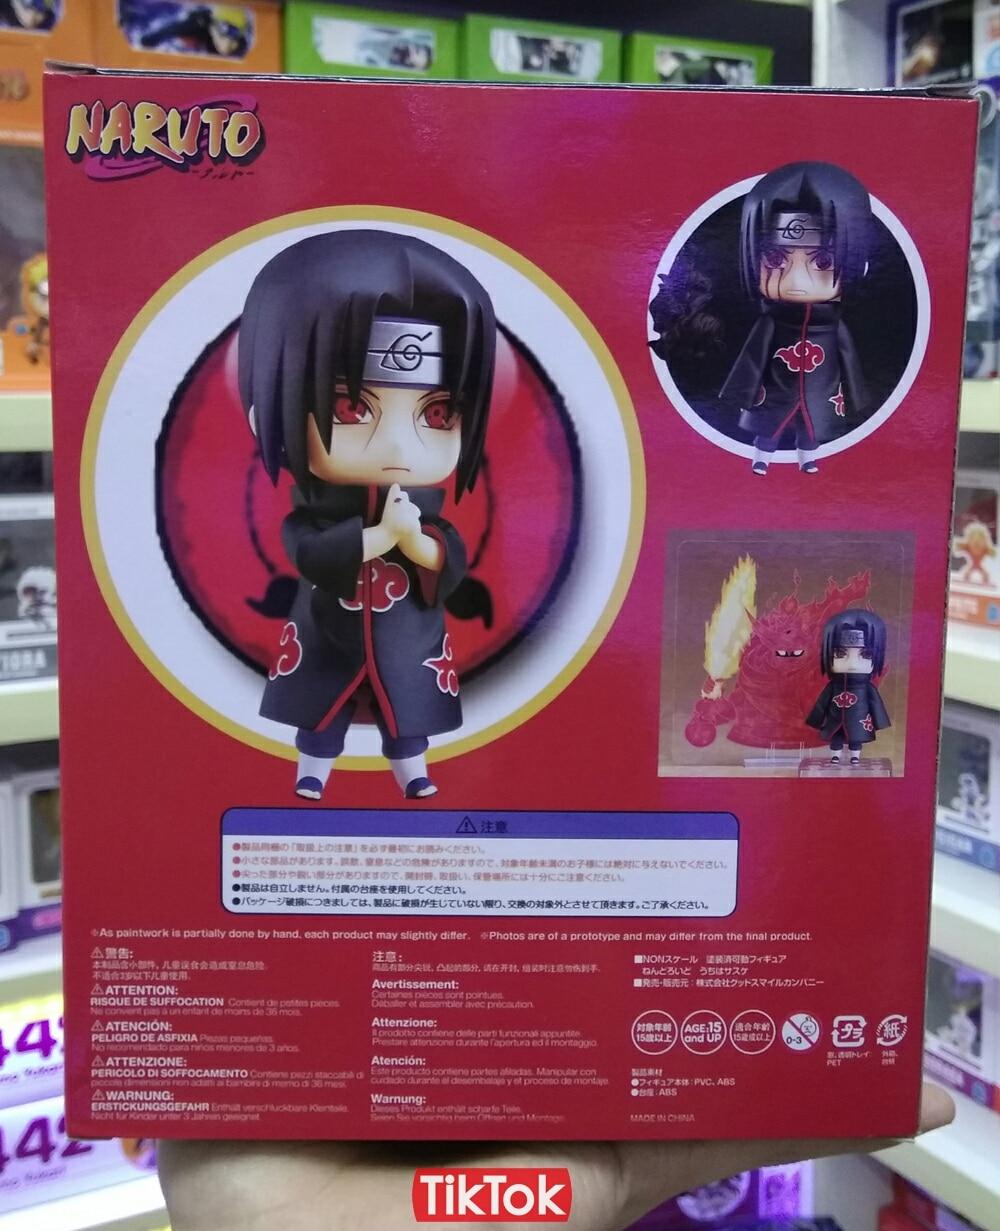 Naruto - Naruto Kyuubi, Uchiha Susanoo, Kakashi Chidori, Sakura katsuyu Action Figures (10cm)